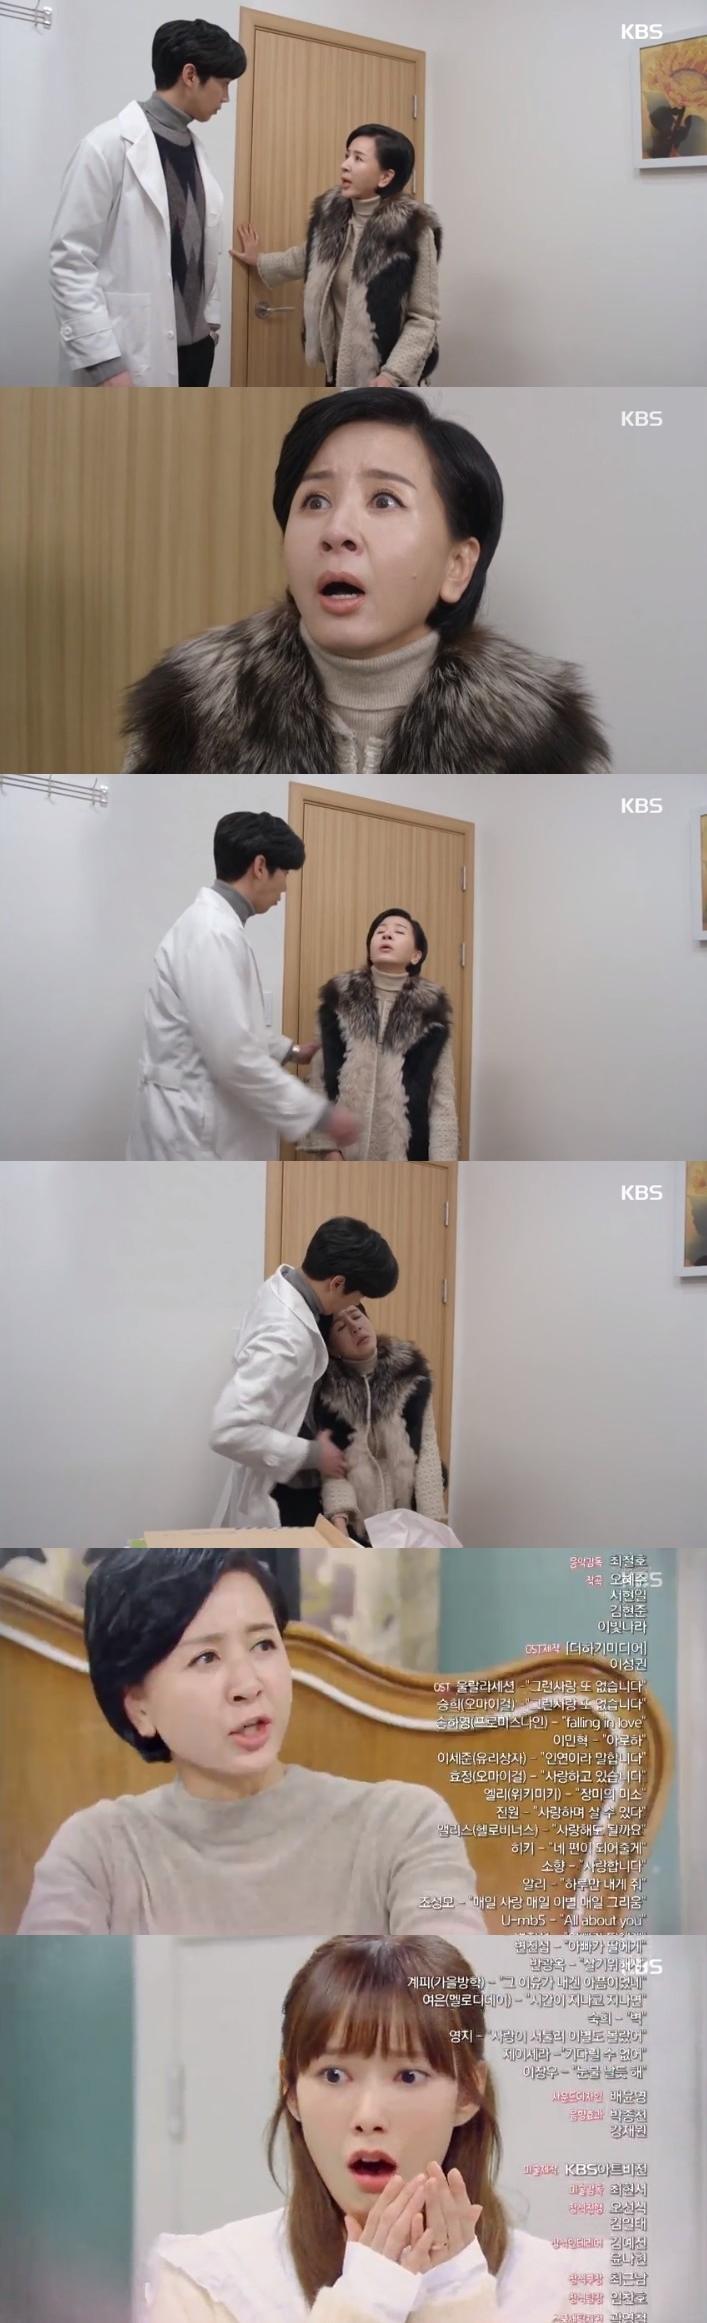 [RE:TV] '하나뿐인 내편' 이혜숙 돌변..나혜미 혹독한 시집살이 시작